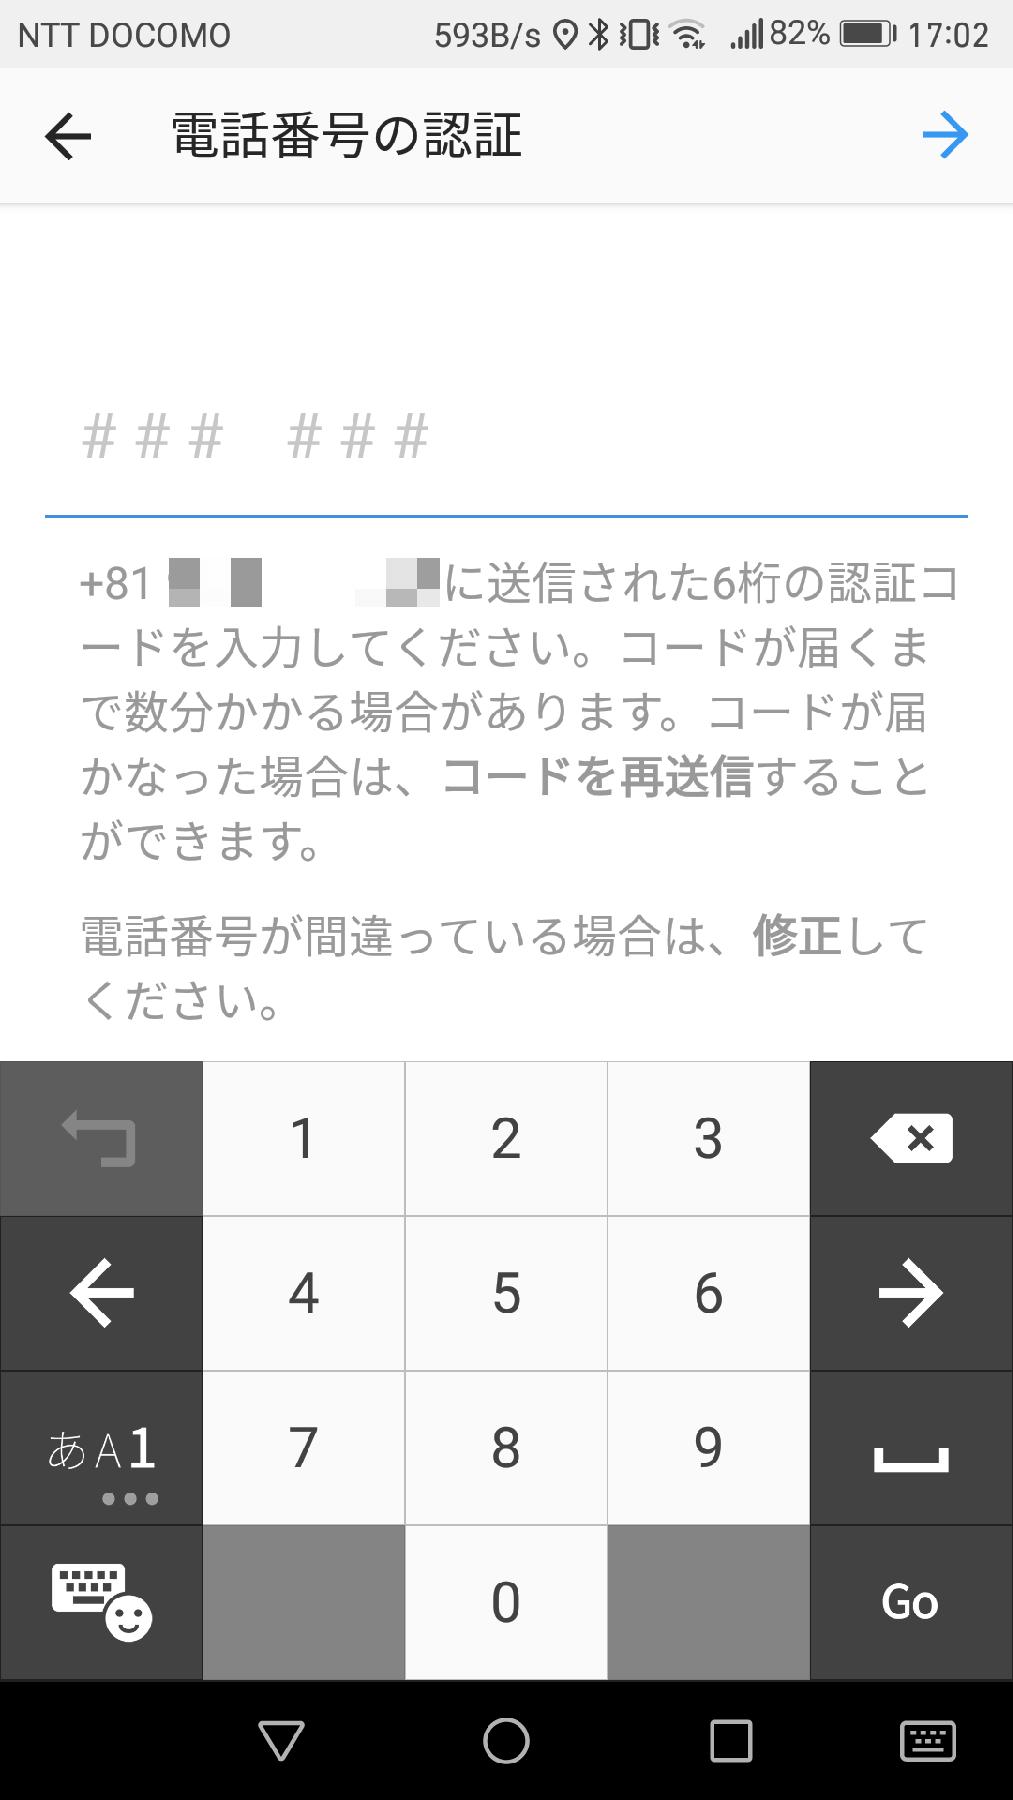 インスタグラムの[電話番号の認証]画面